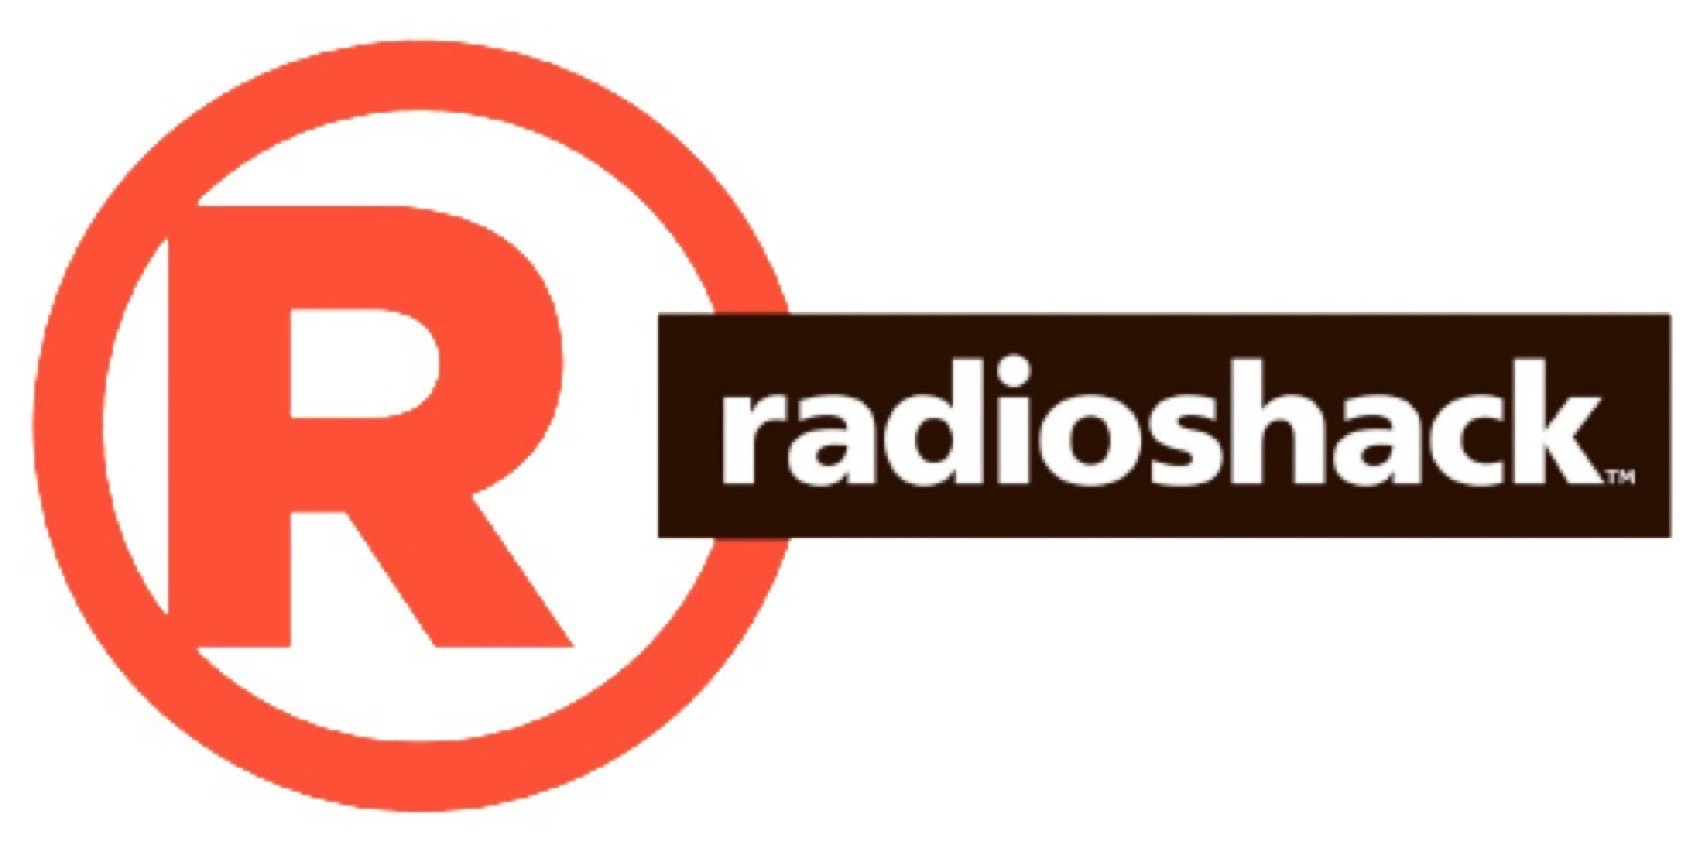 Radioshack Logo 20131-1